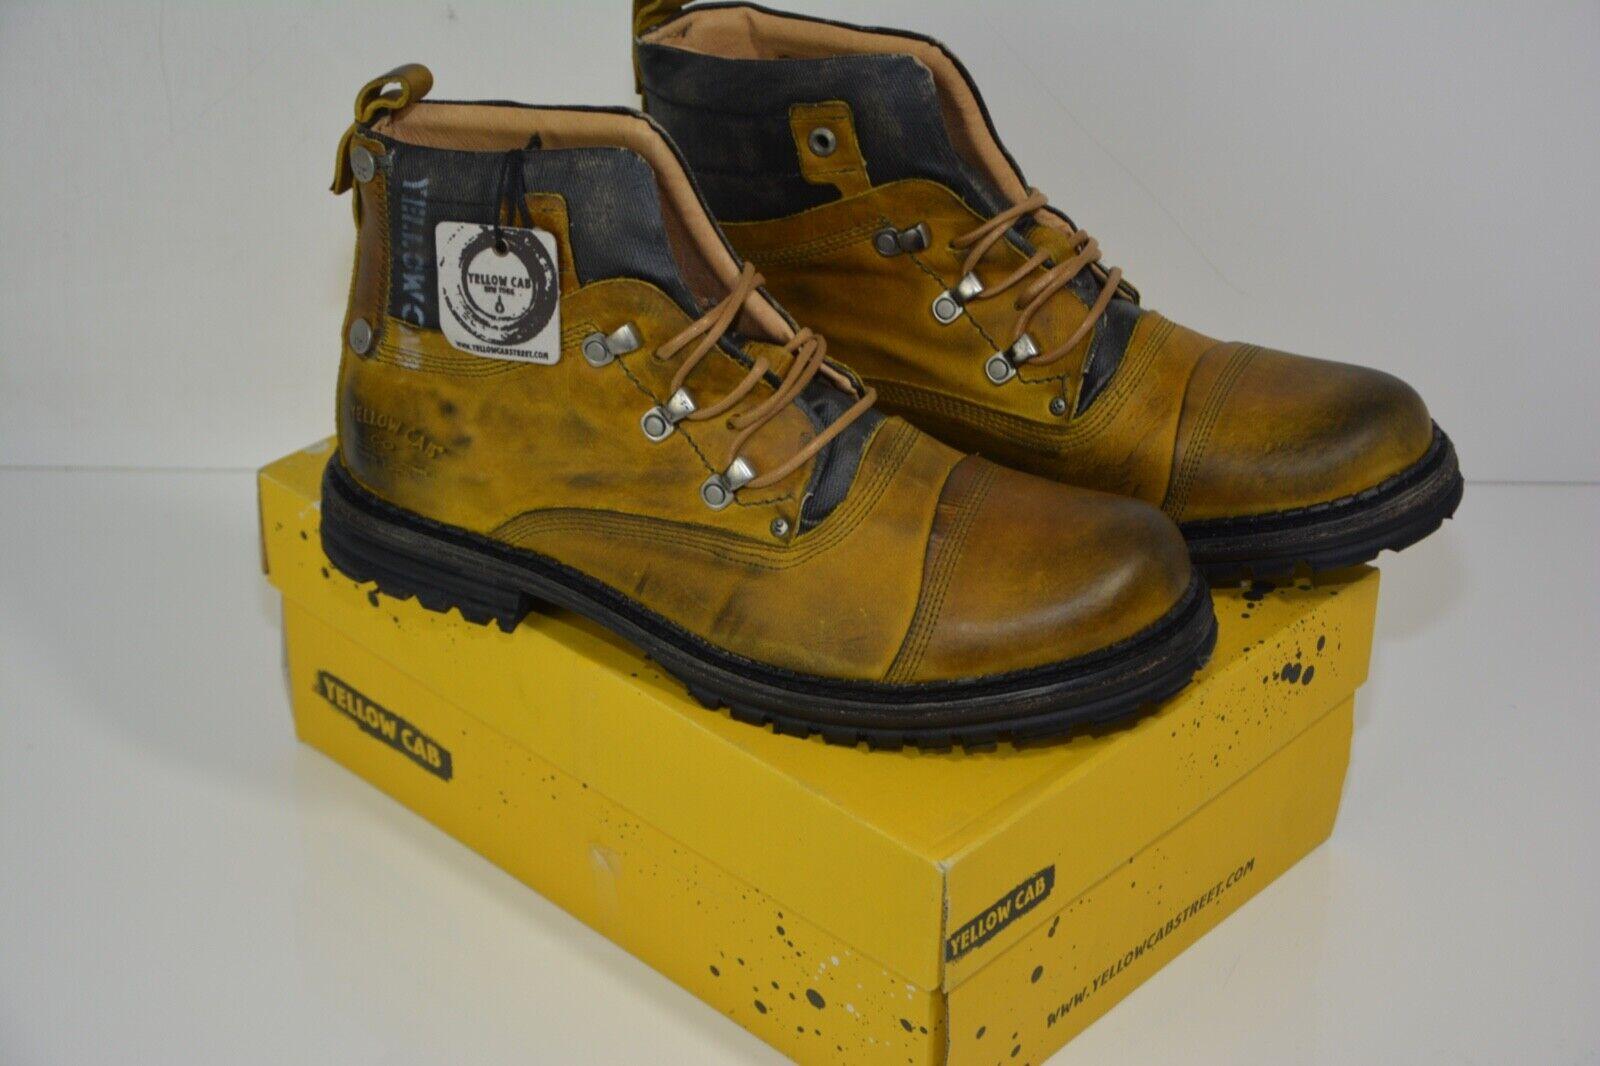 Schuhe Gelb Cab - Schnür Stiefel d.G 46 Y154731-A Neu unbenutzt